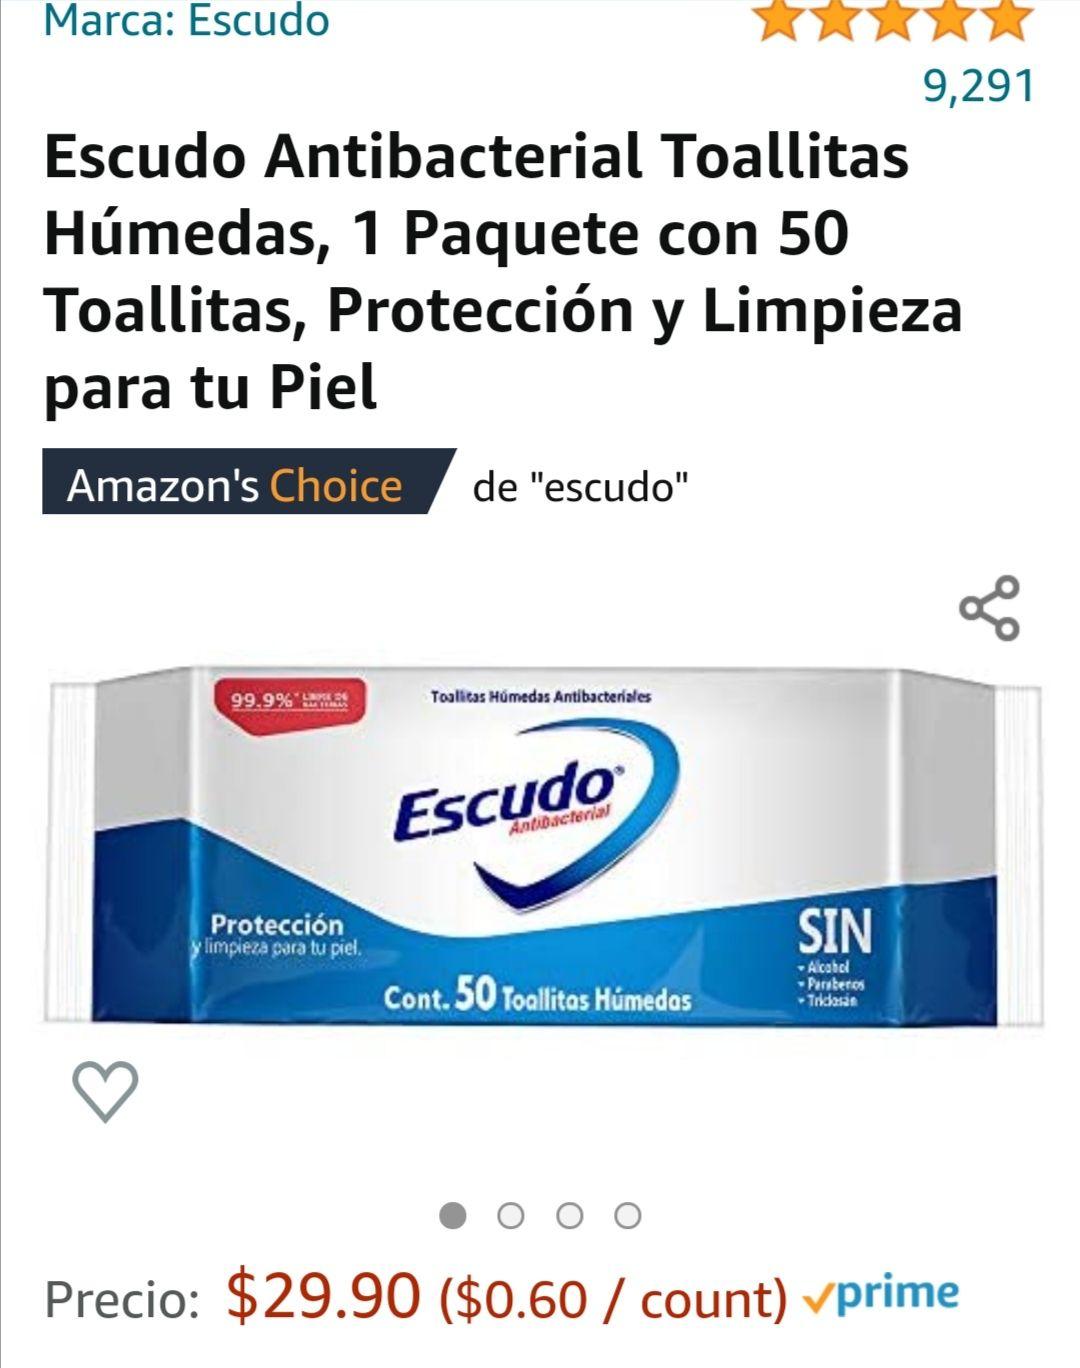 Amazon: Escudo Antibacterial Toallitas Húmedas, 1 Paquete con 50 Toallitas, Protección y Limpieza para tu Piel